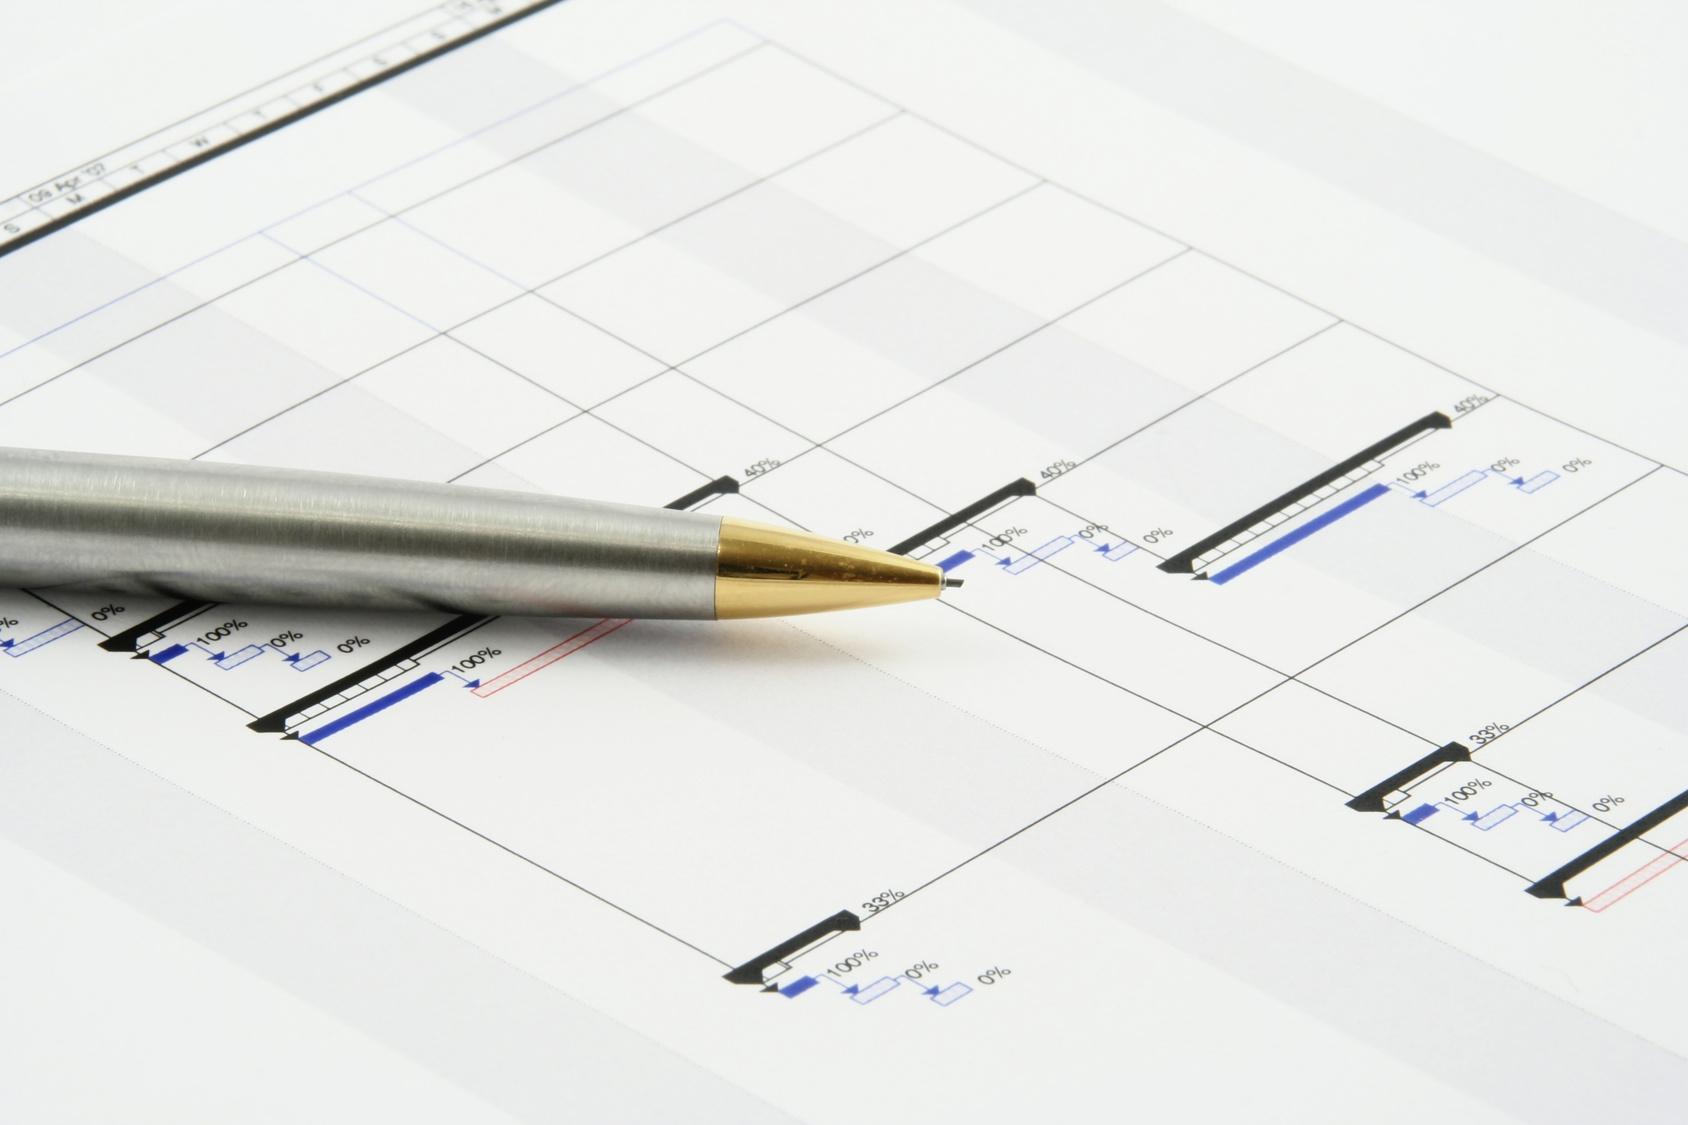 舞台で使えるフリーCADを探す.1 〜直感的に使いやすいフリーCADソフト【Drafting CAD】